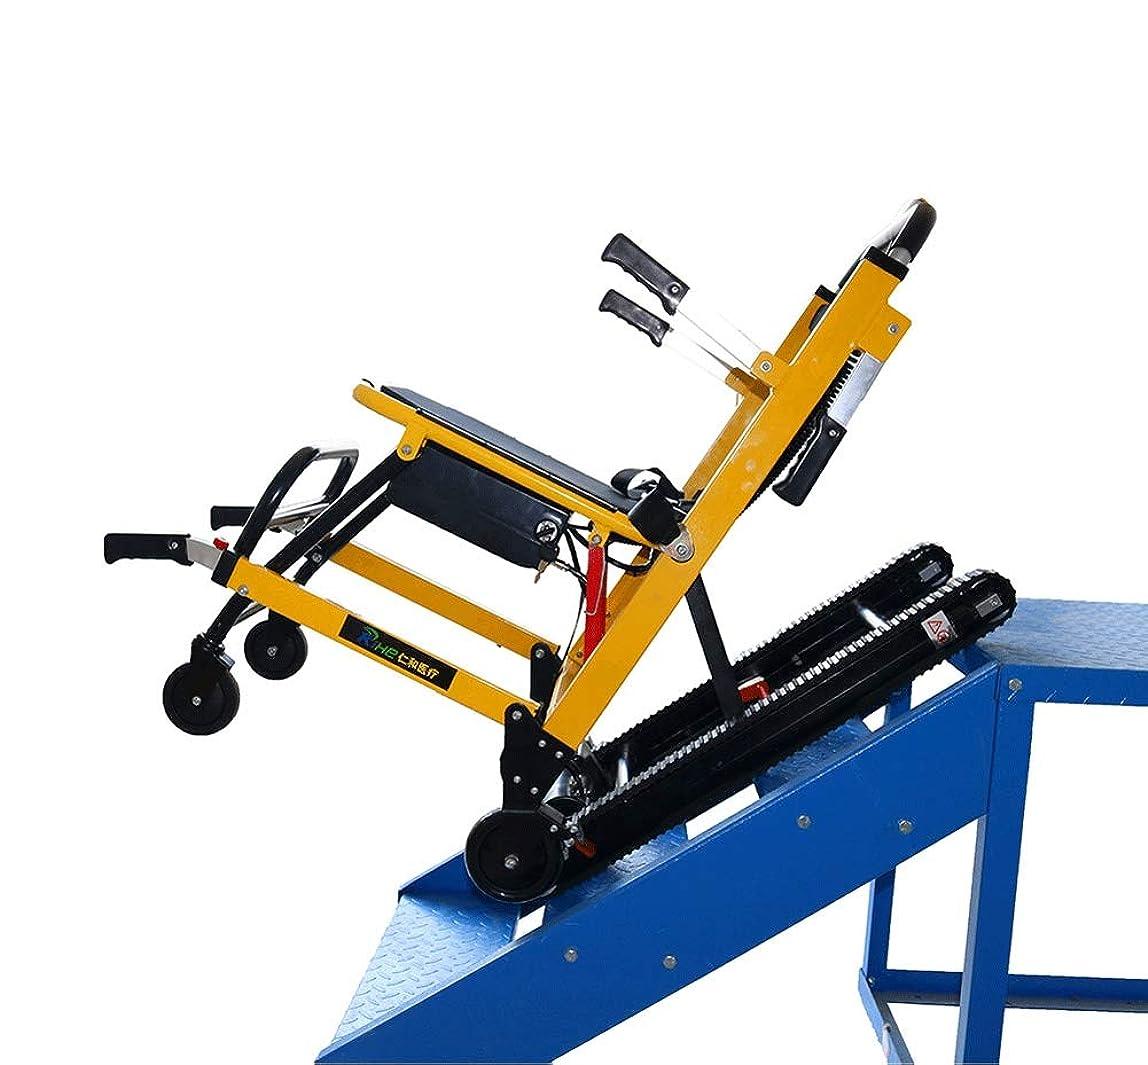 円形ポジティブジャングルEMS階段椅子、電動階段車椅子の重量容量をクライミング350ポンド階段が椅子折りたたみバッテリ駆動クローラクライミングチェアクライミング議長緊急階段を登ります